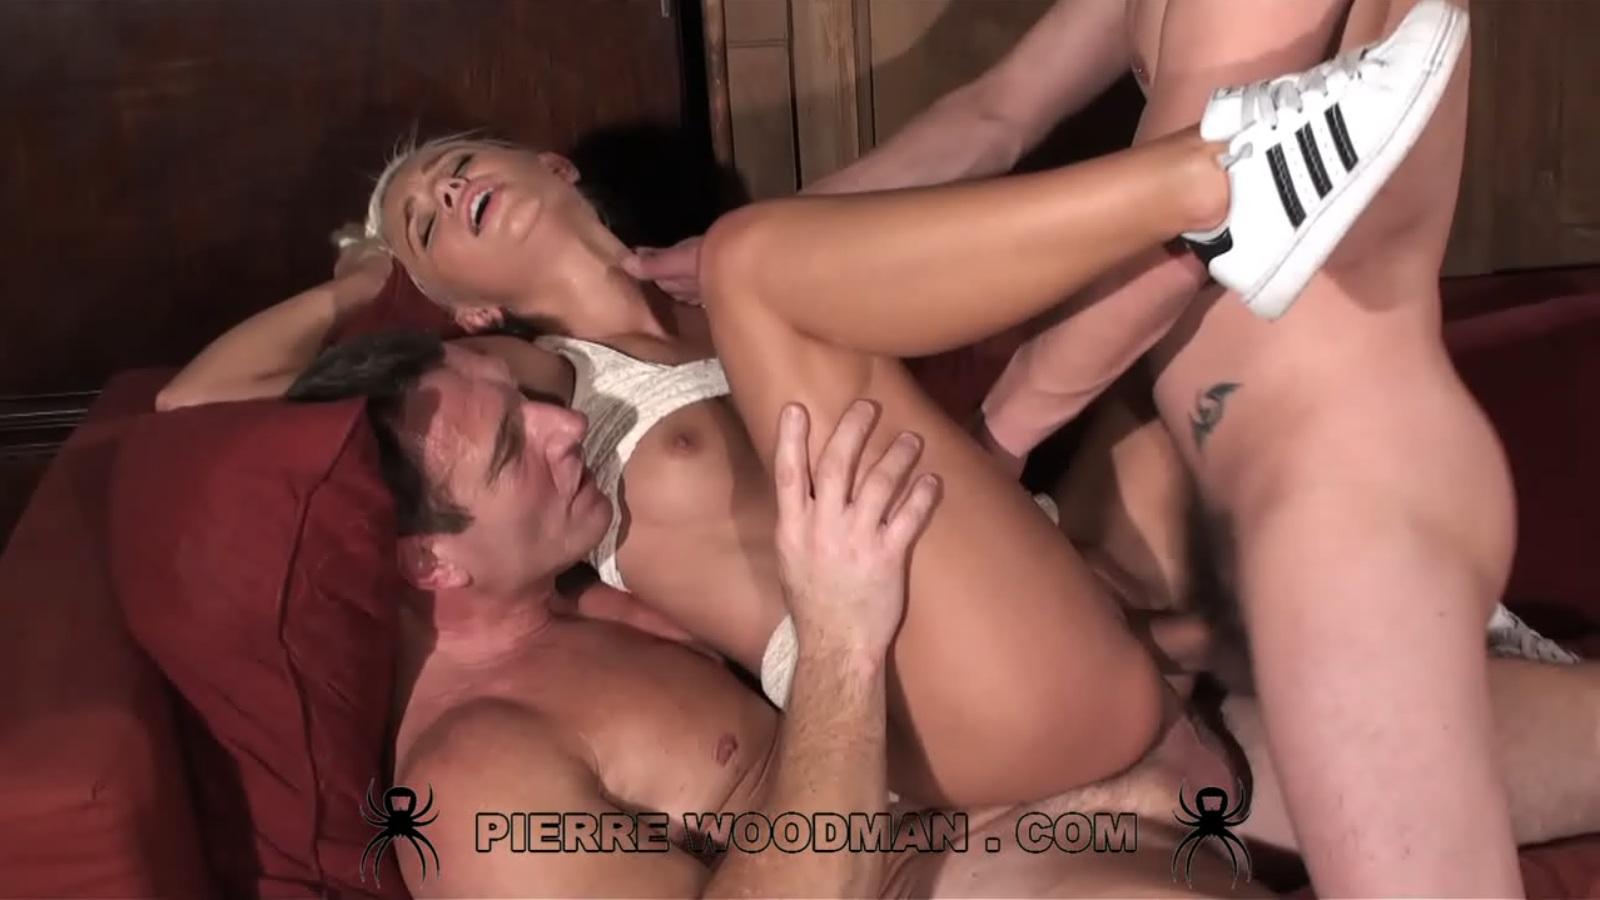 смотреть как проходят съёмки нашего порно